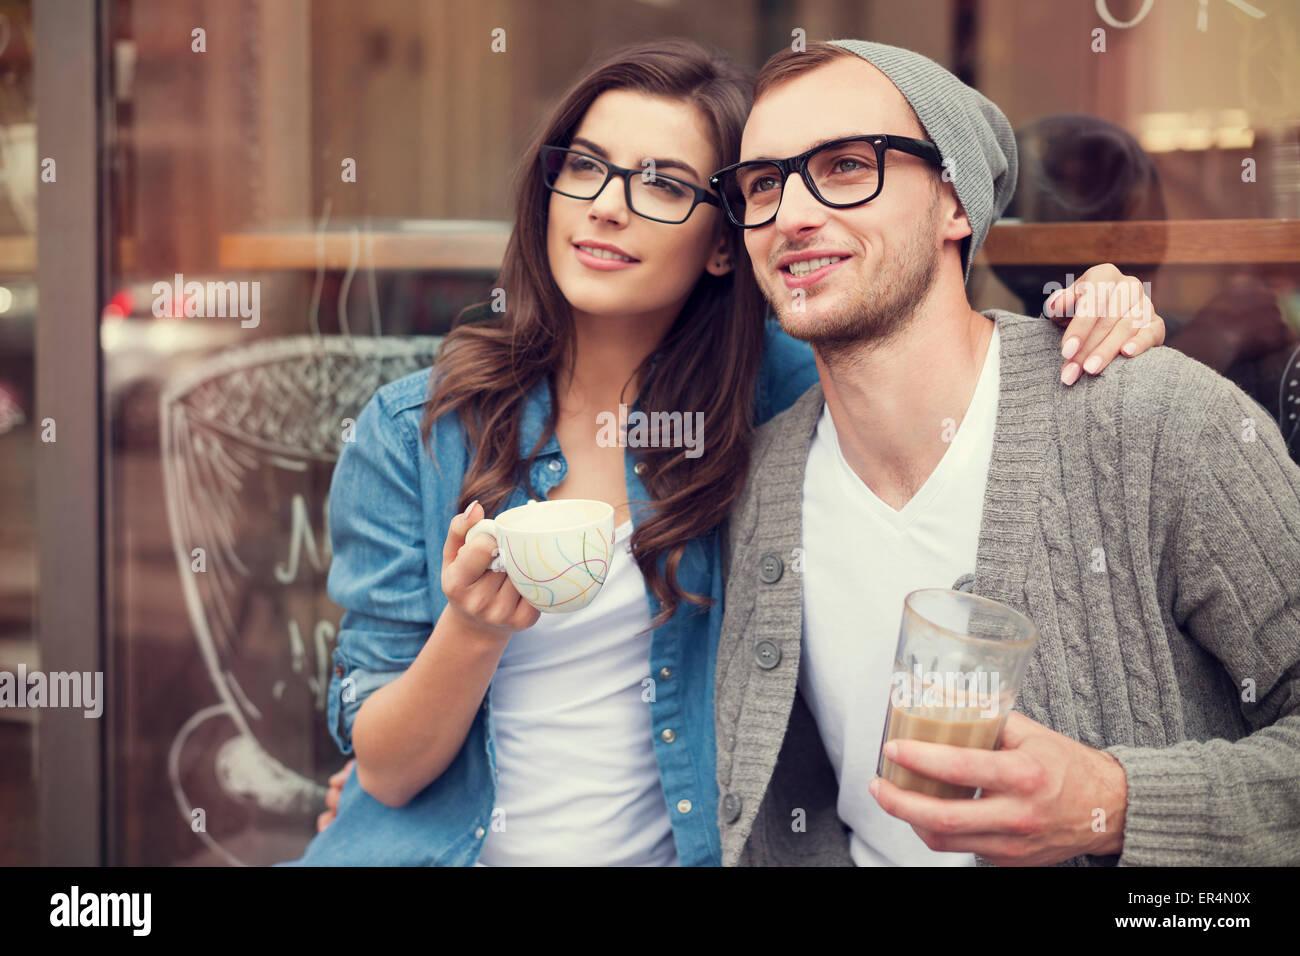 Moda joven pareja beber café fuera de la cafetería. Cracovia, Polonia Imagen De Stock